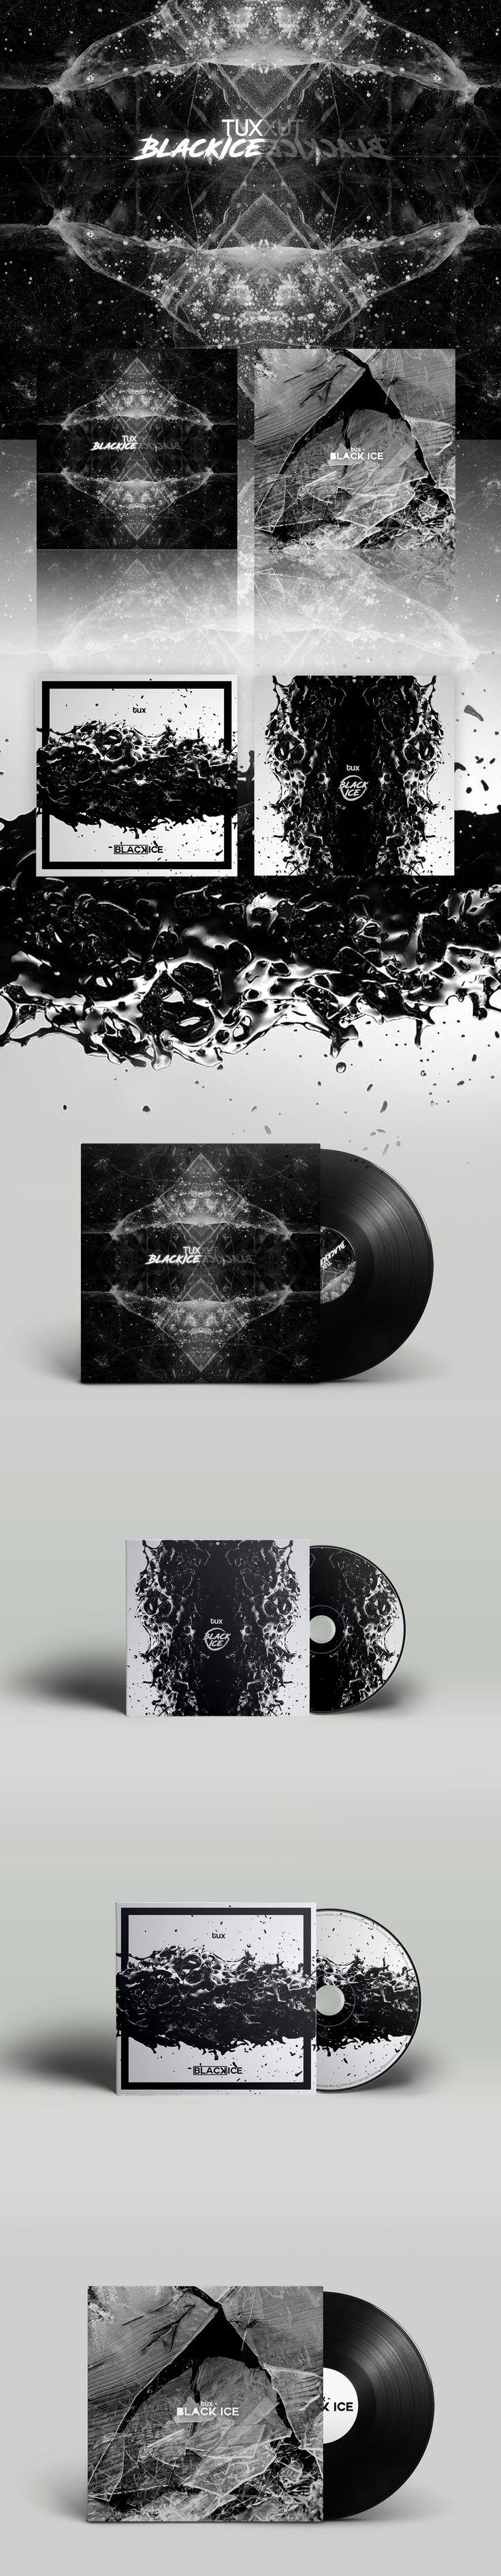 TUX - BLACK ICE Mixtape covers https://www.behance.net/gallery/47101763/TUX-BLACK-ICE-Mixtape-covers #design